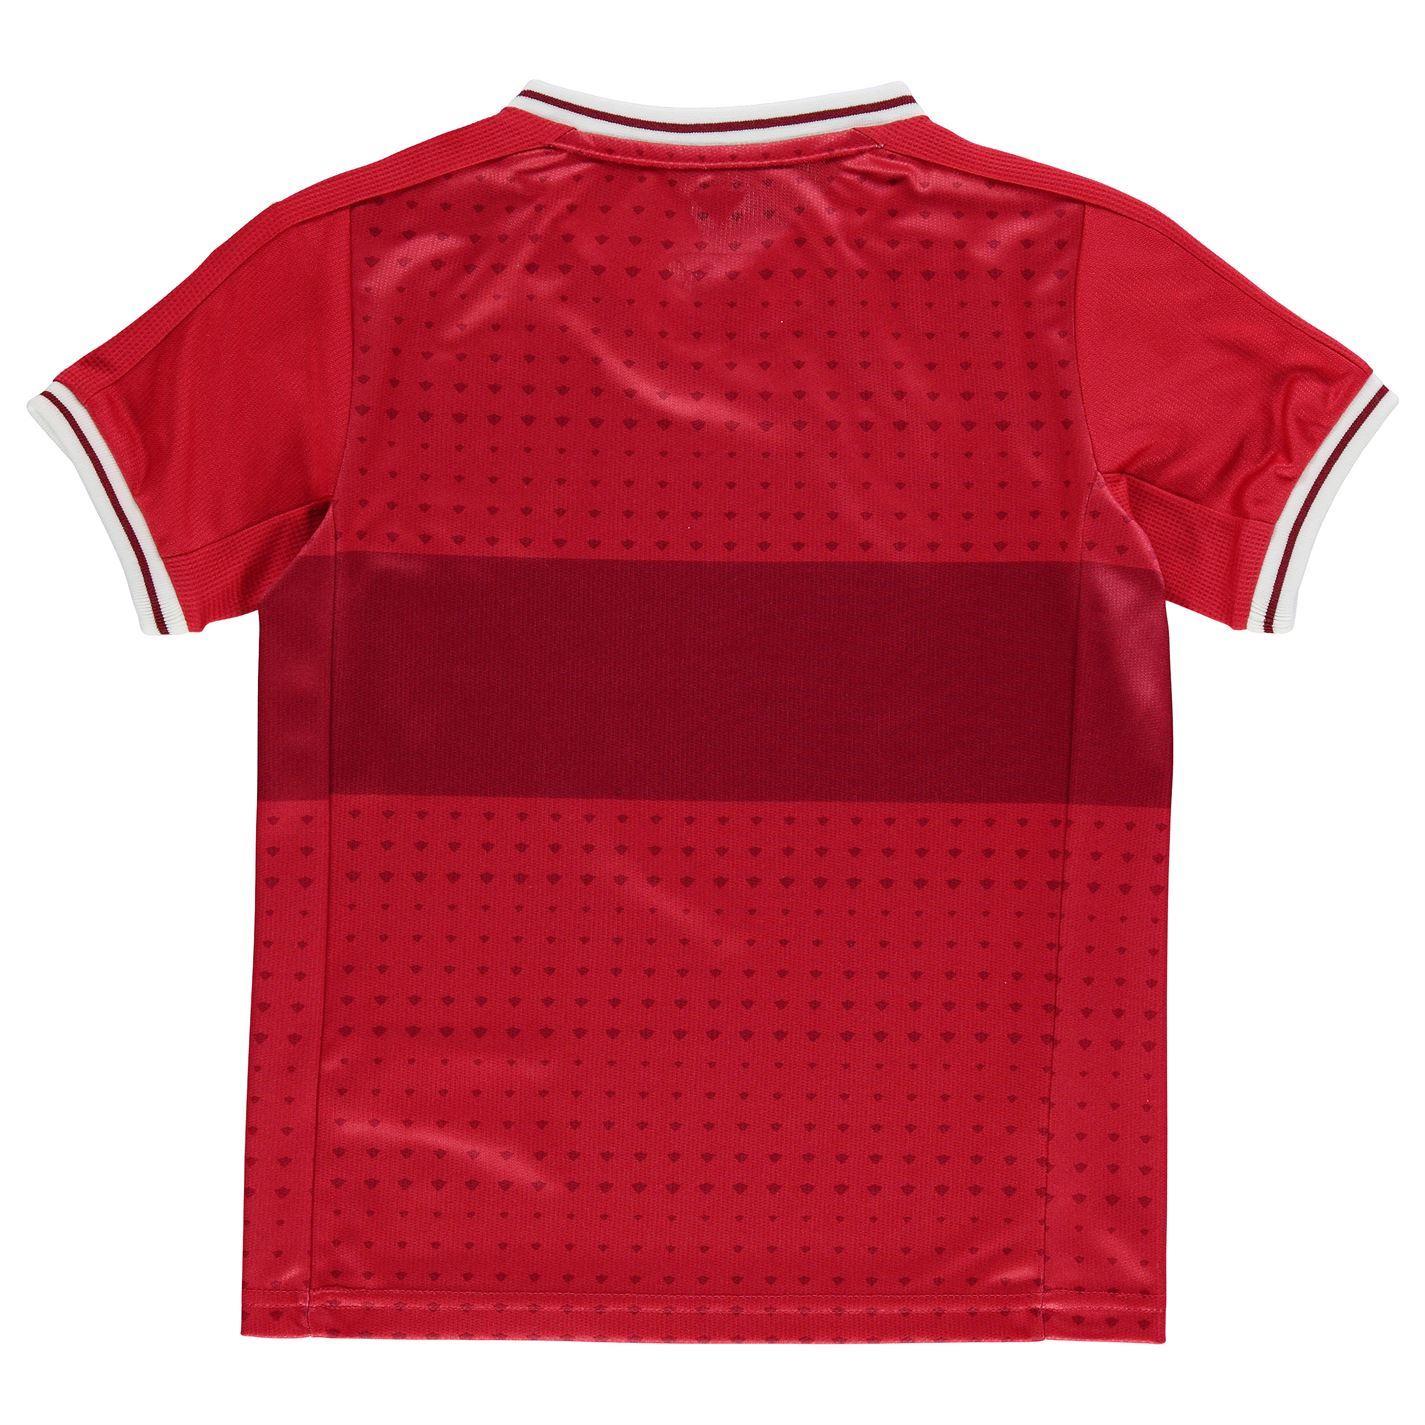 271df049c58 ... Puma VfB Stuttgart Away Jersey 2017 2018 Juniors Red Football Soccer  Shirt Top